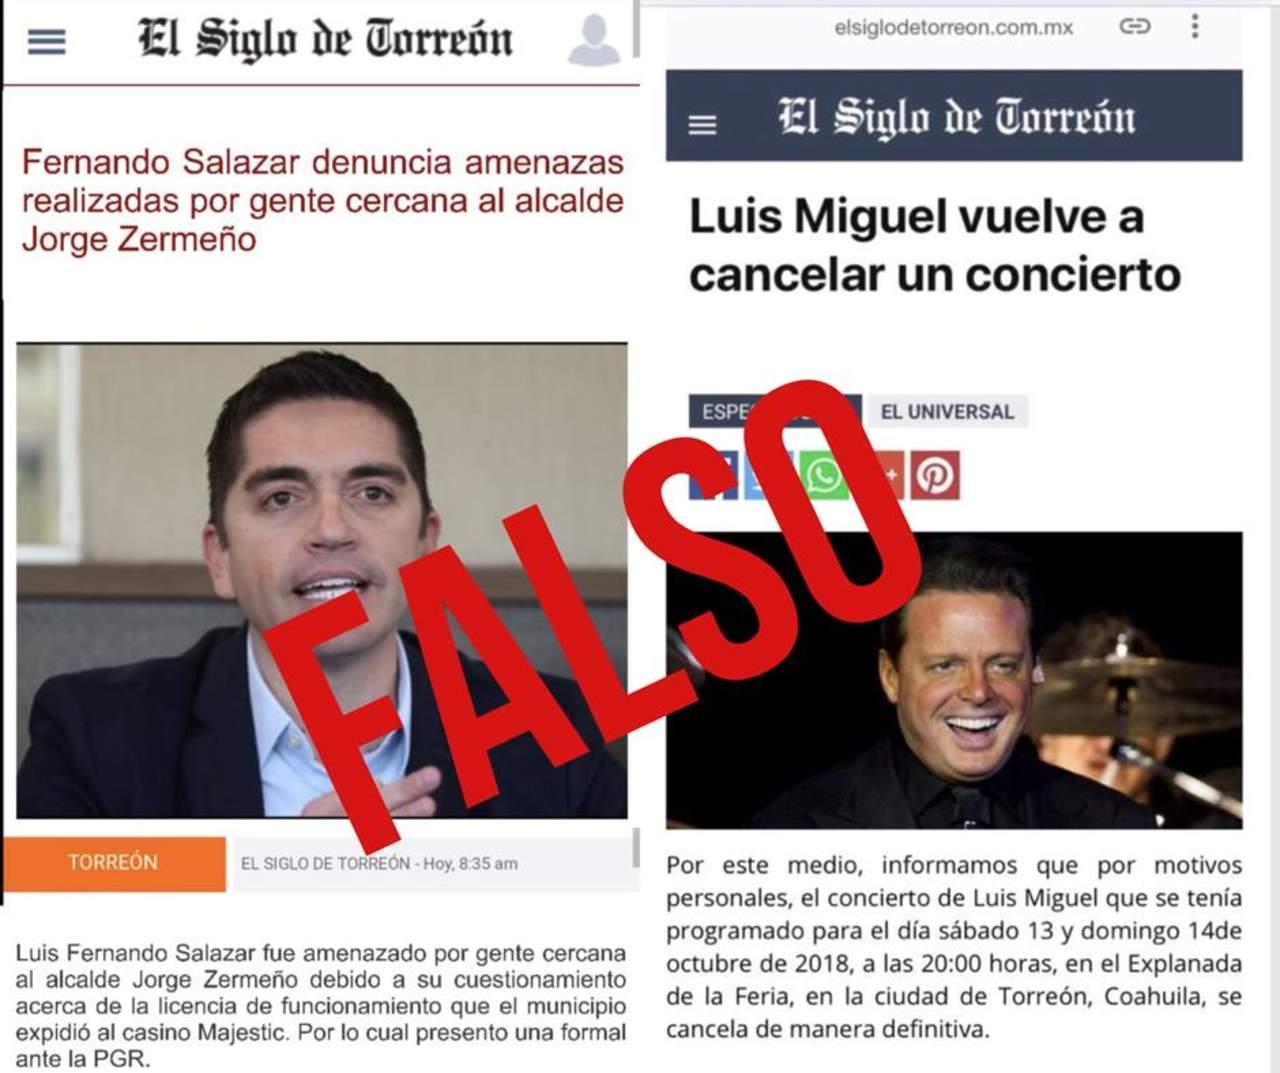 Utilizan diseño de El Siglo para difundir noticias falsas